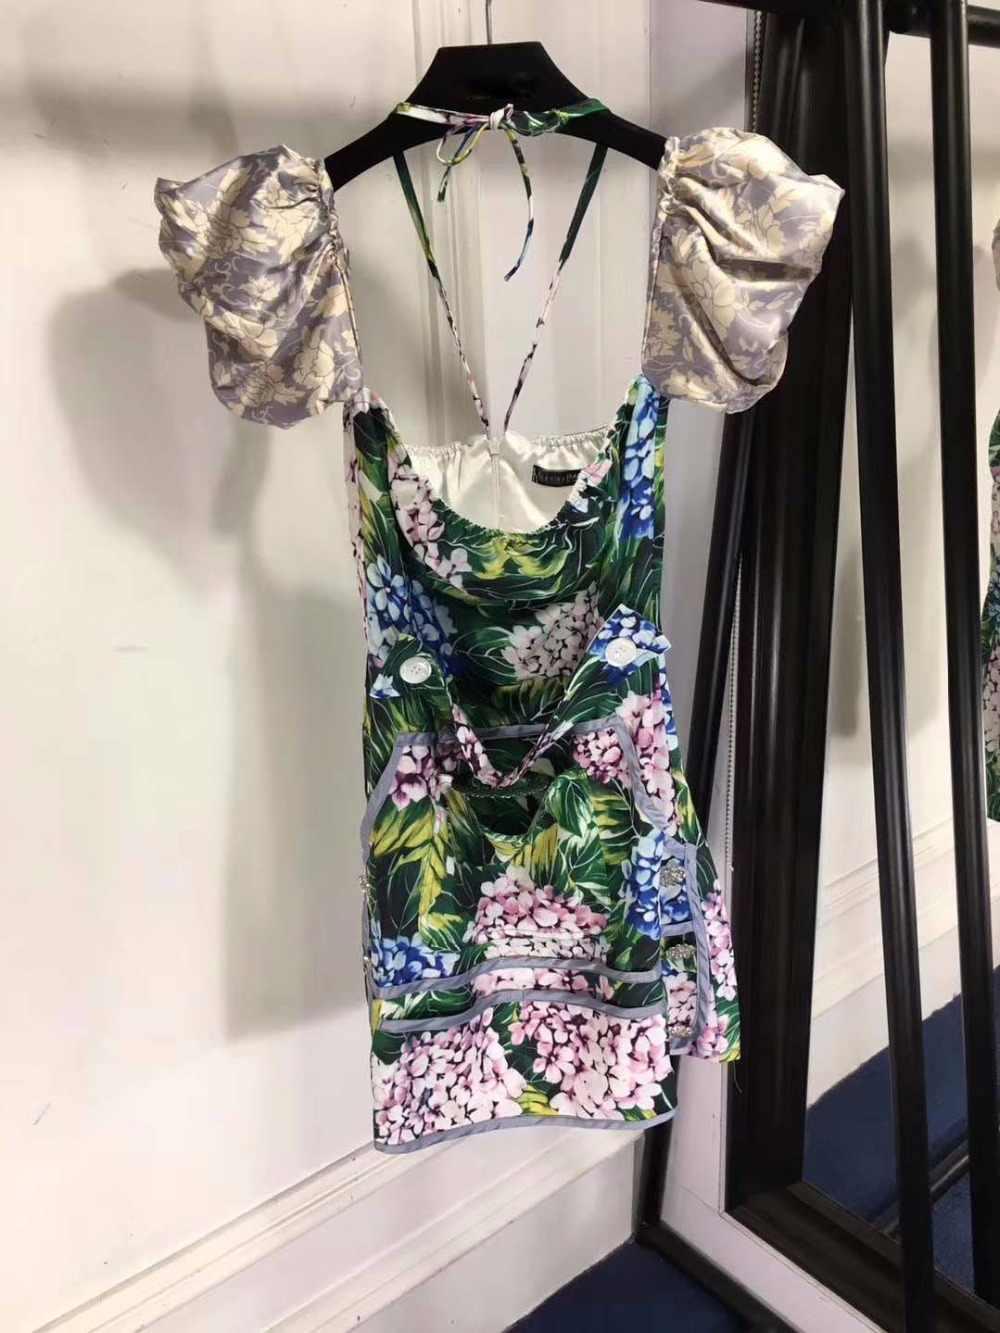 เซ็กซี่ห่อหน้าอกชุดที่สวยงามพิมพ์ชุดฤดูร้อนsarafanแฟชั่นตัดชุดมินิเซ็กซี่ชุดe vevingพรรคสุภาพสตรีชุด